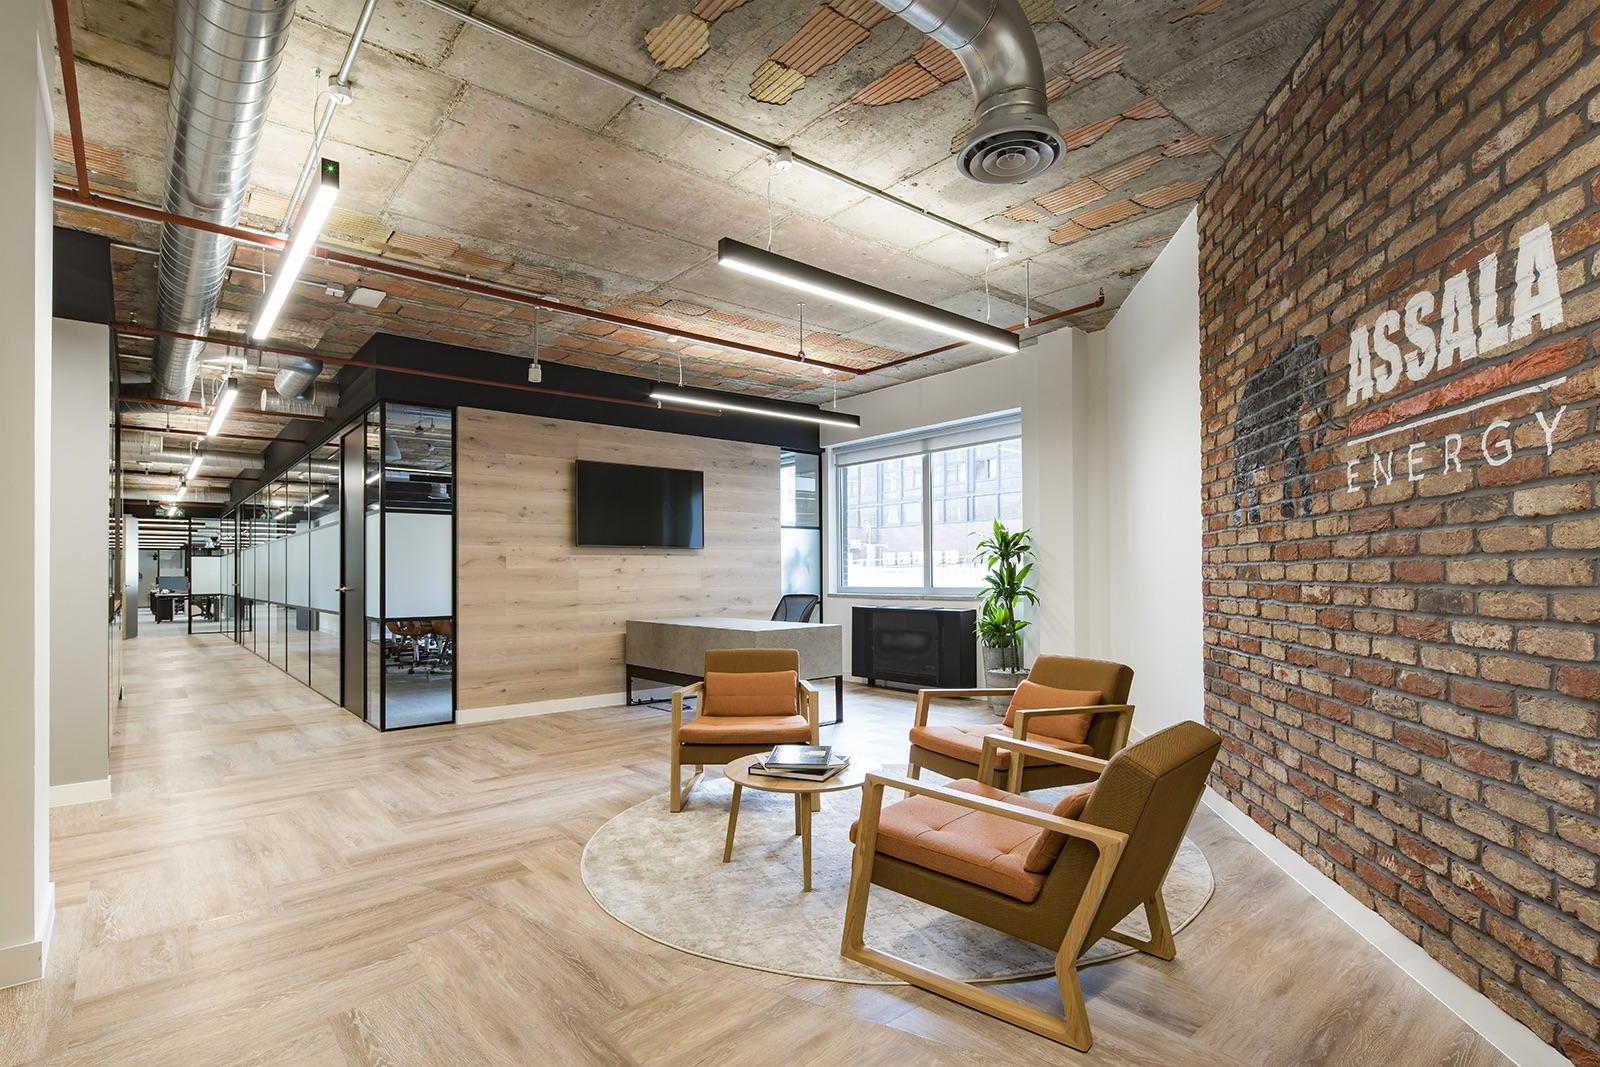 assala-energy-office-2